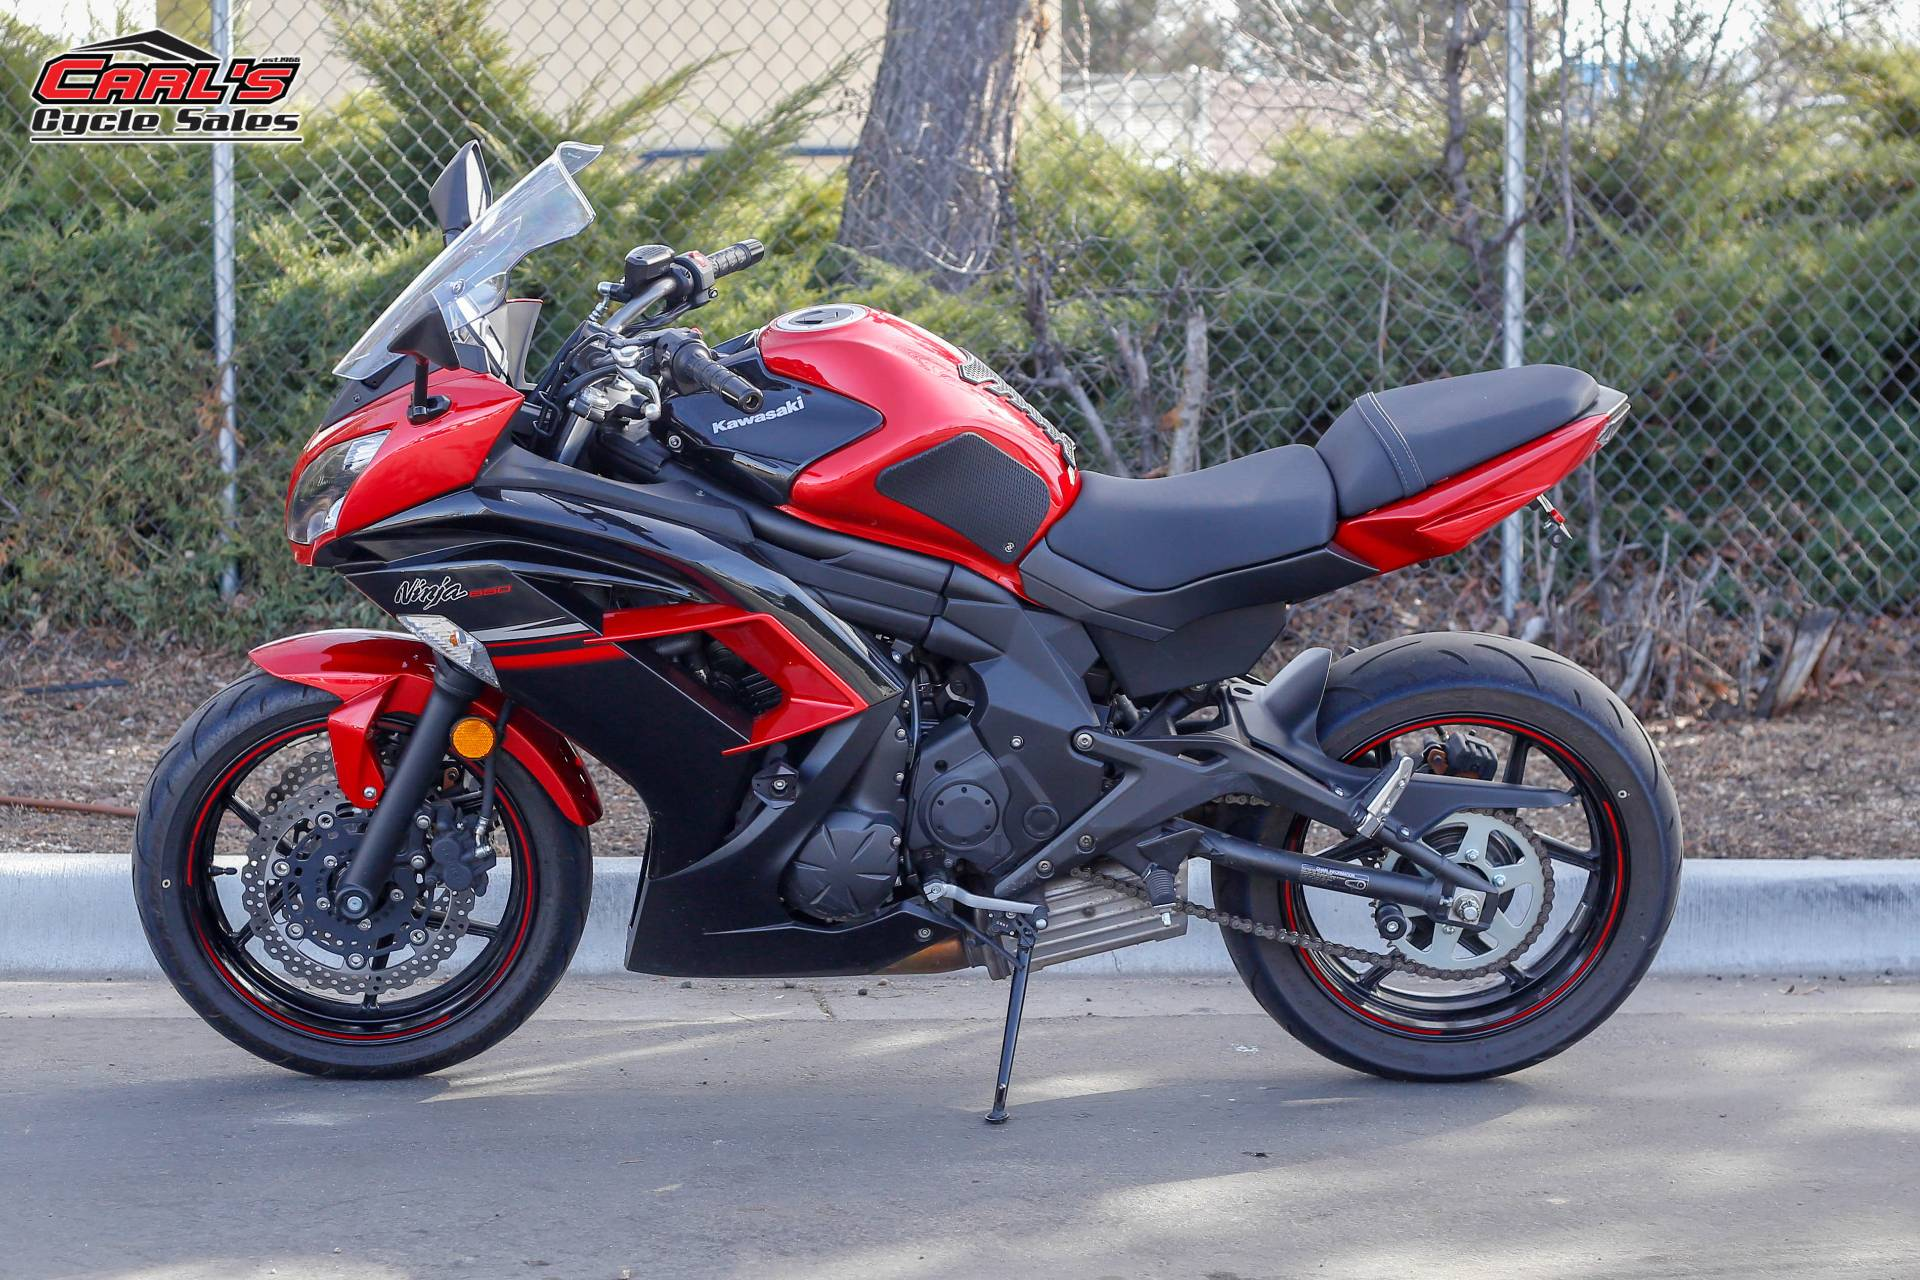 2016 Ninja 650